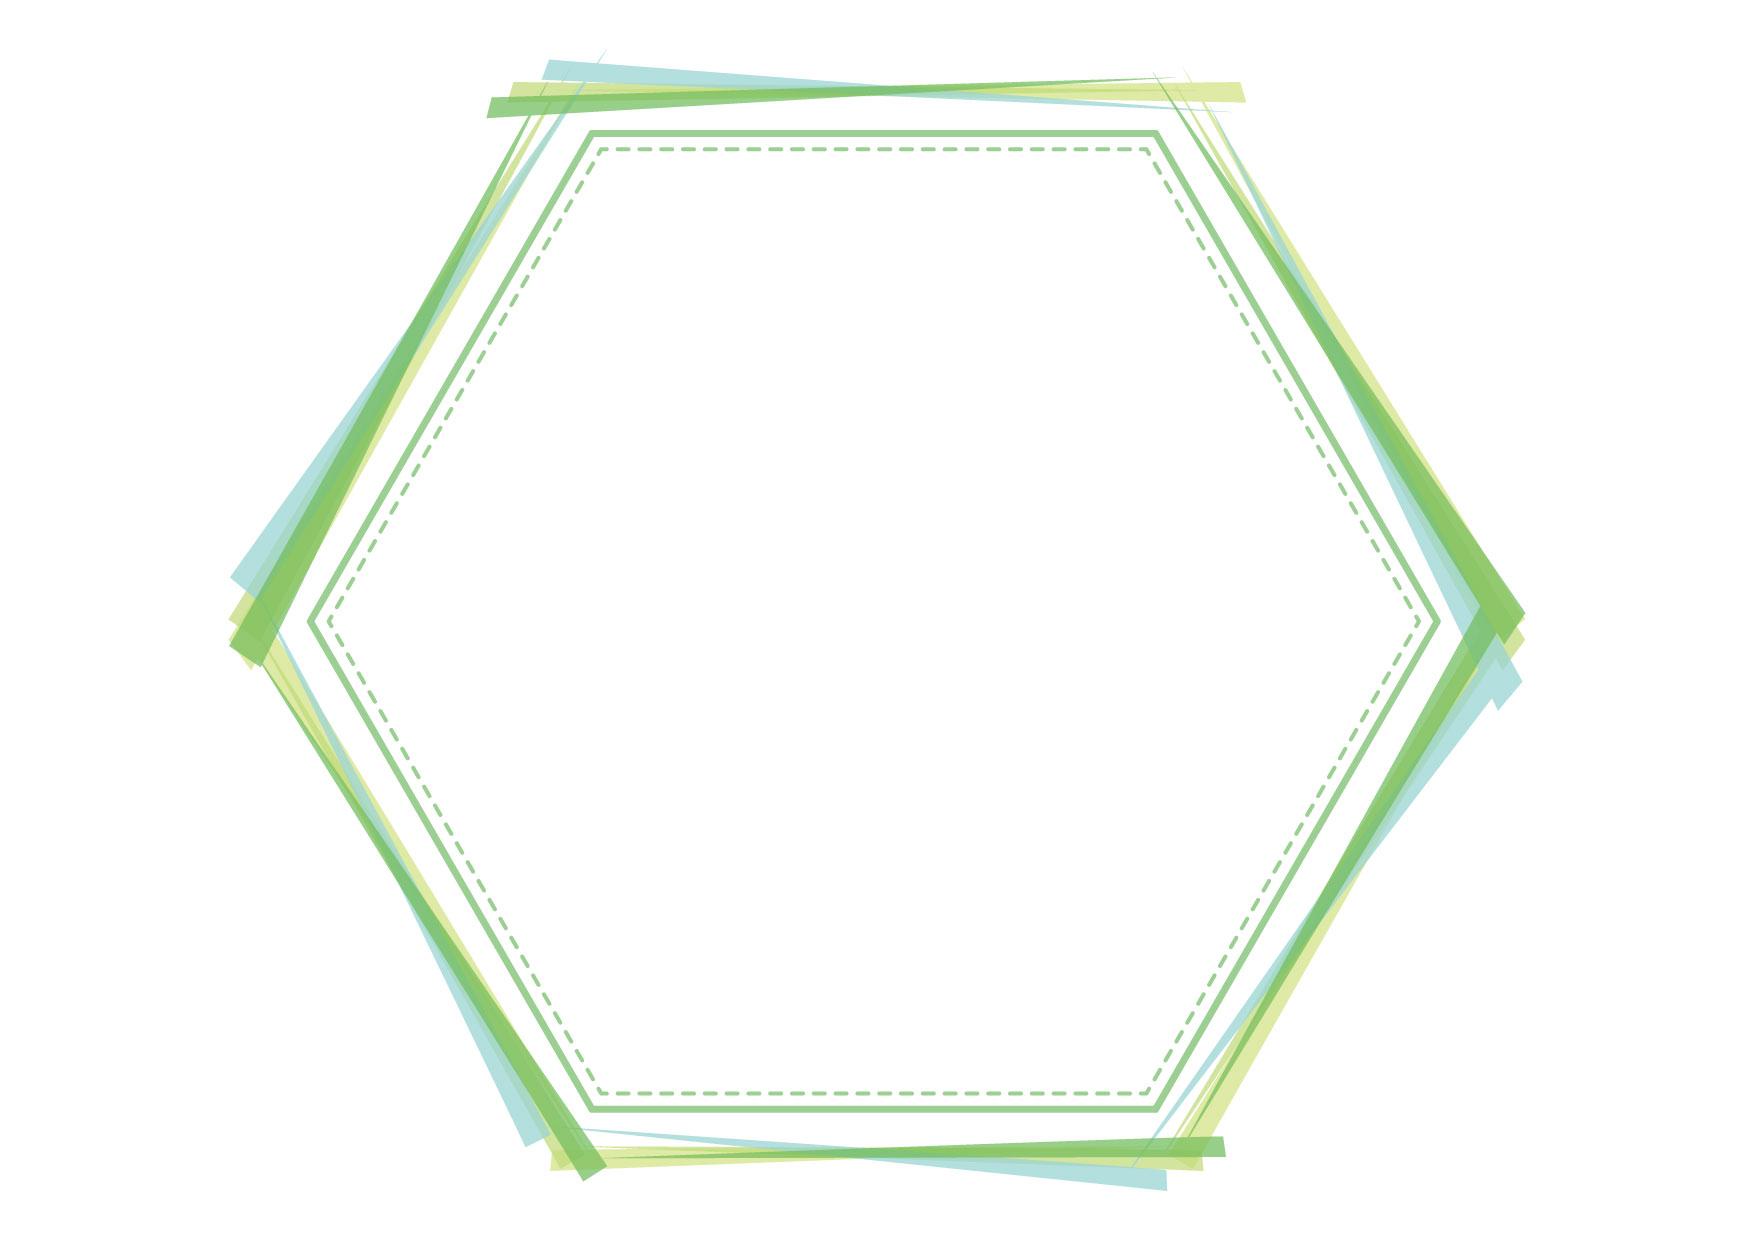 可愛いイラスト無料|フレーム 六角形 グリーン 背景 − free illustration Frame hexagon green background